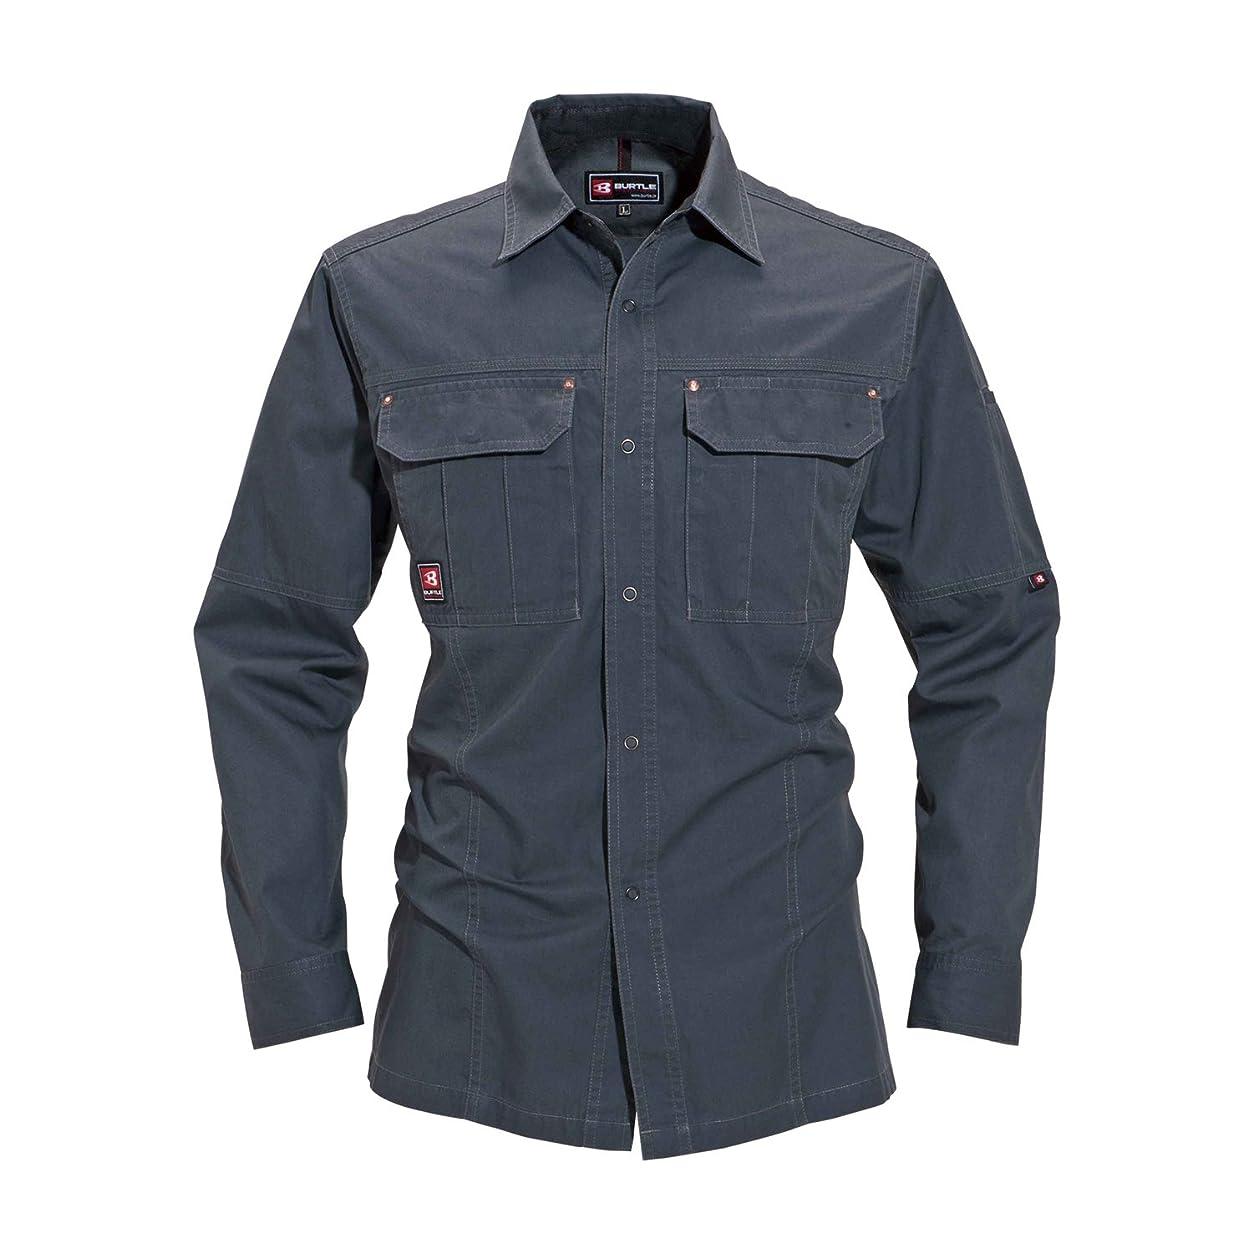 良心的せせらぎ意図的BURTLE バートル 長袖シャツ(秋冬用) 8035 クーガー 5L